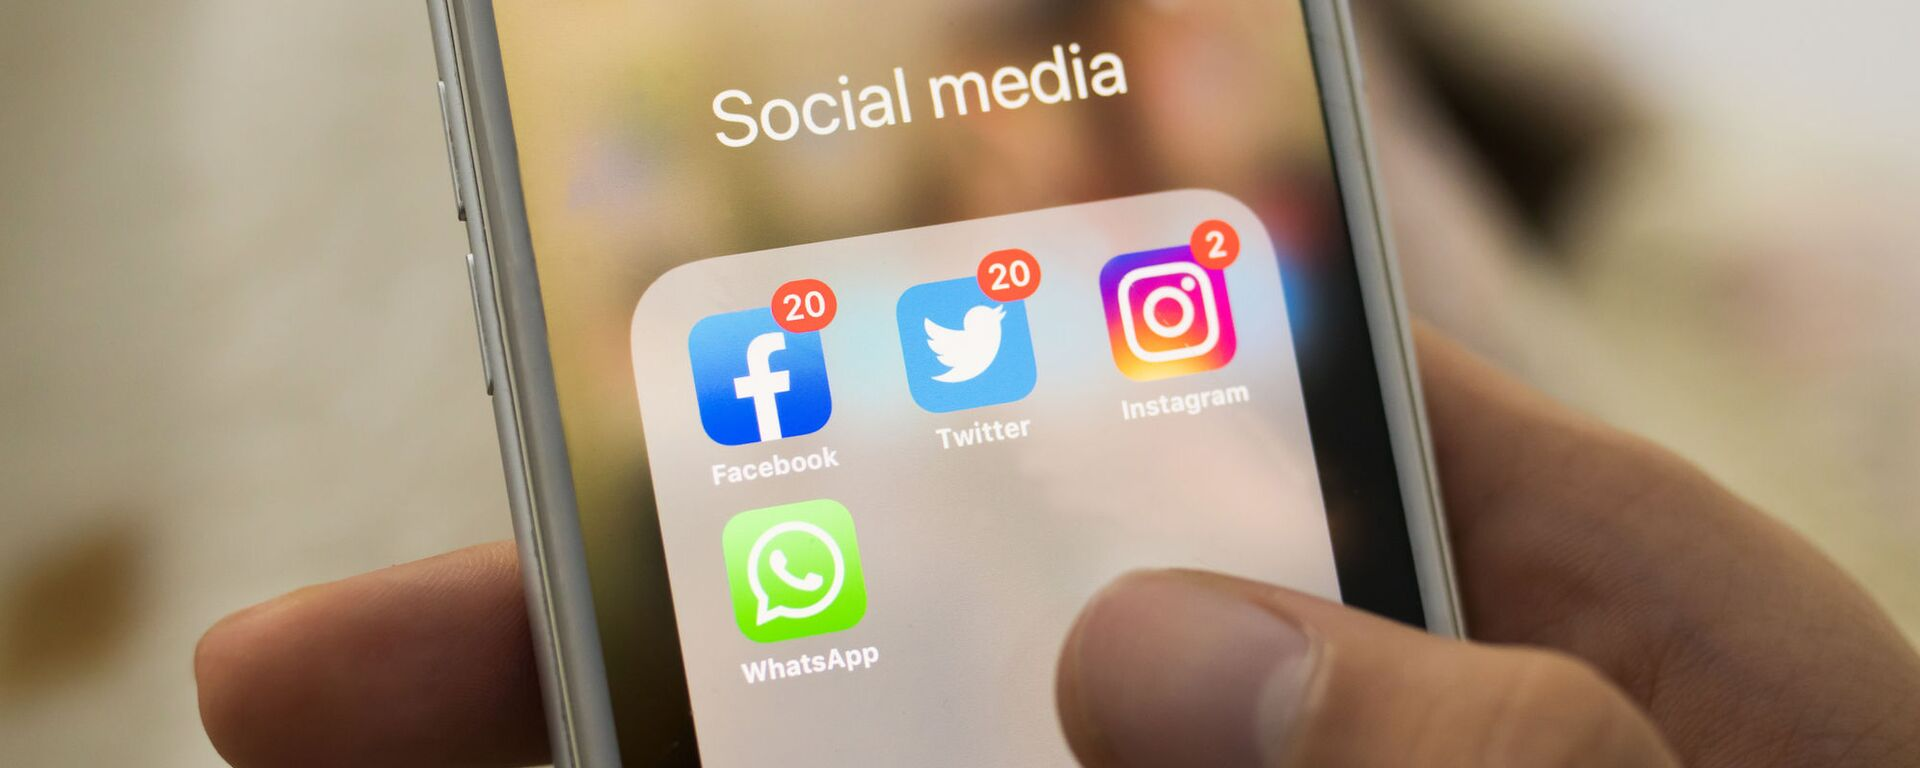 Biểu tượng Facebook, Twitter, Instagram, WhatsApp trên màn hình điện thoại thông minh - Sputnik Việt Nam, 1920, 04.05.2021